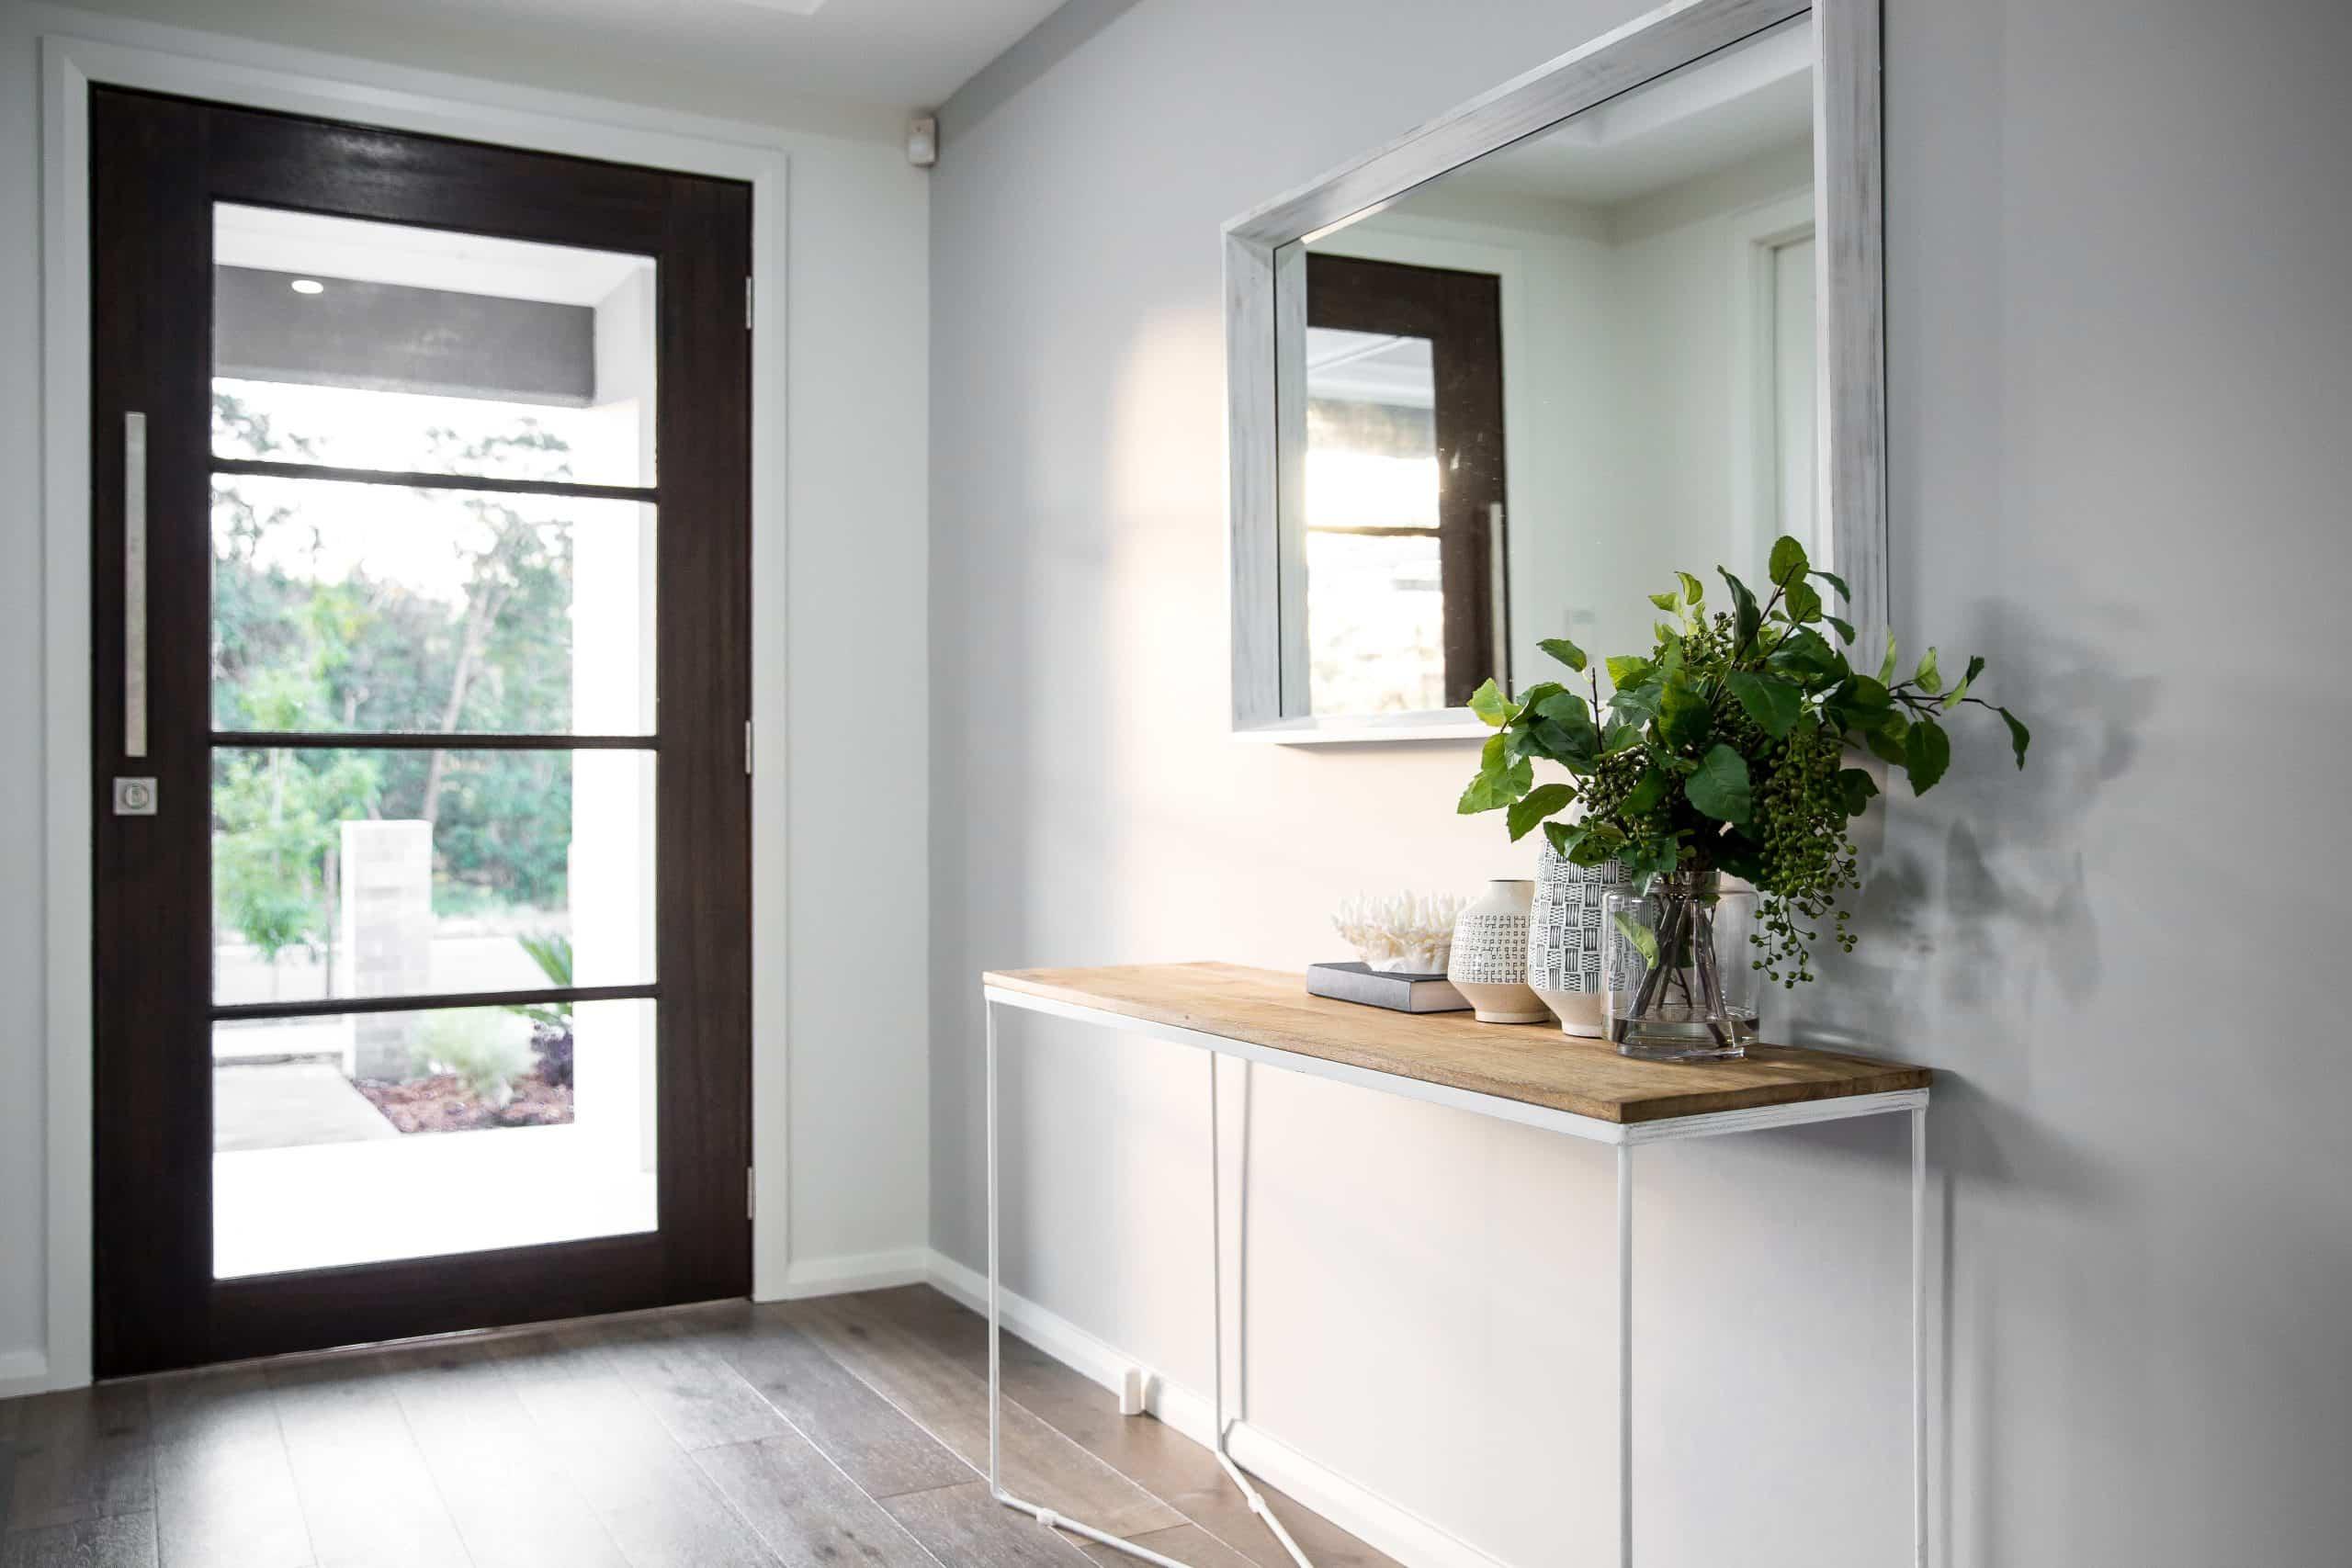 2017_03_27-fairmont-homes_calderwood_highres-2 Interior